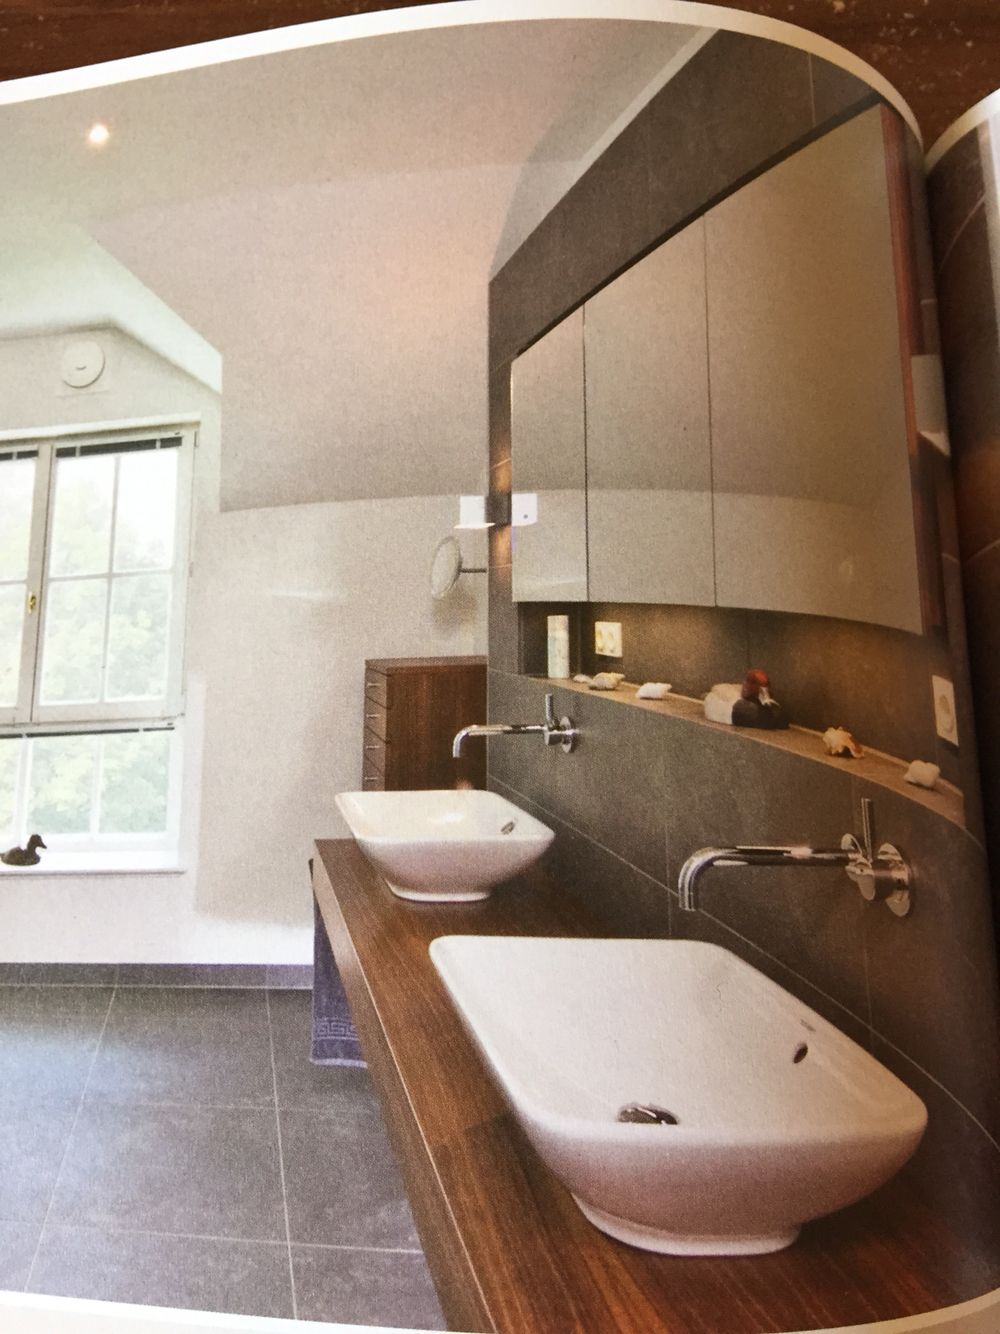 Schone Ablage Im Bad Inkl Spiegelschrank Badezimmer Spiegelschrank Bad Spiegelschrank